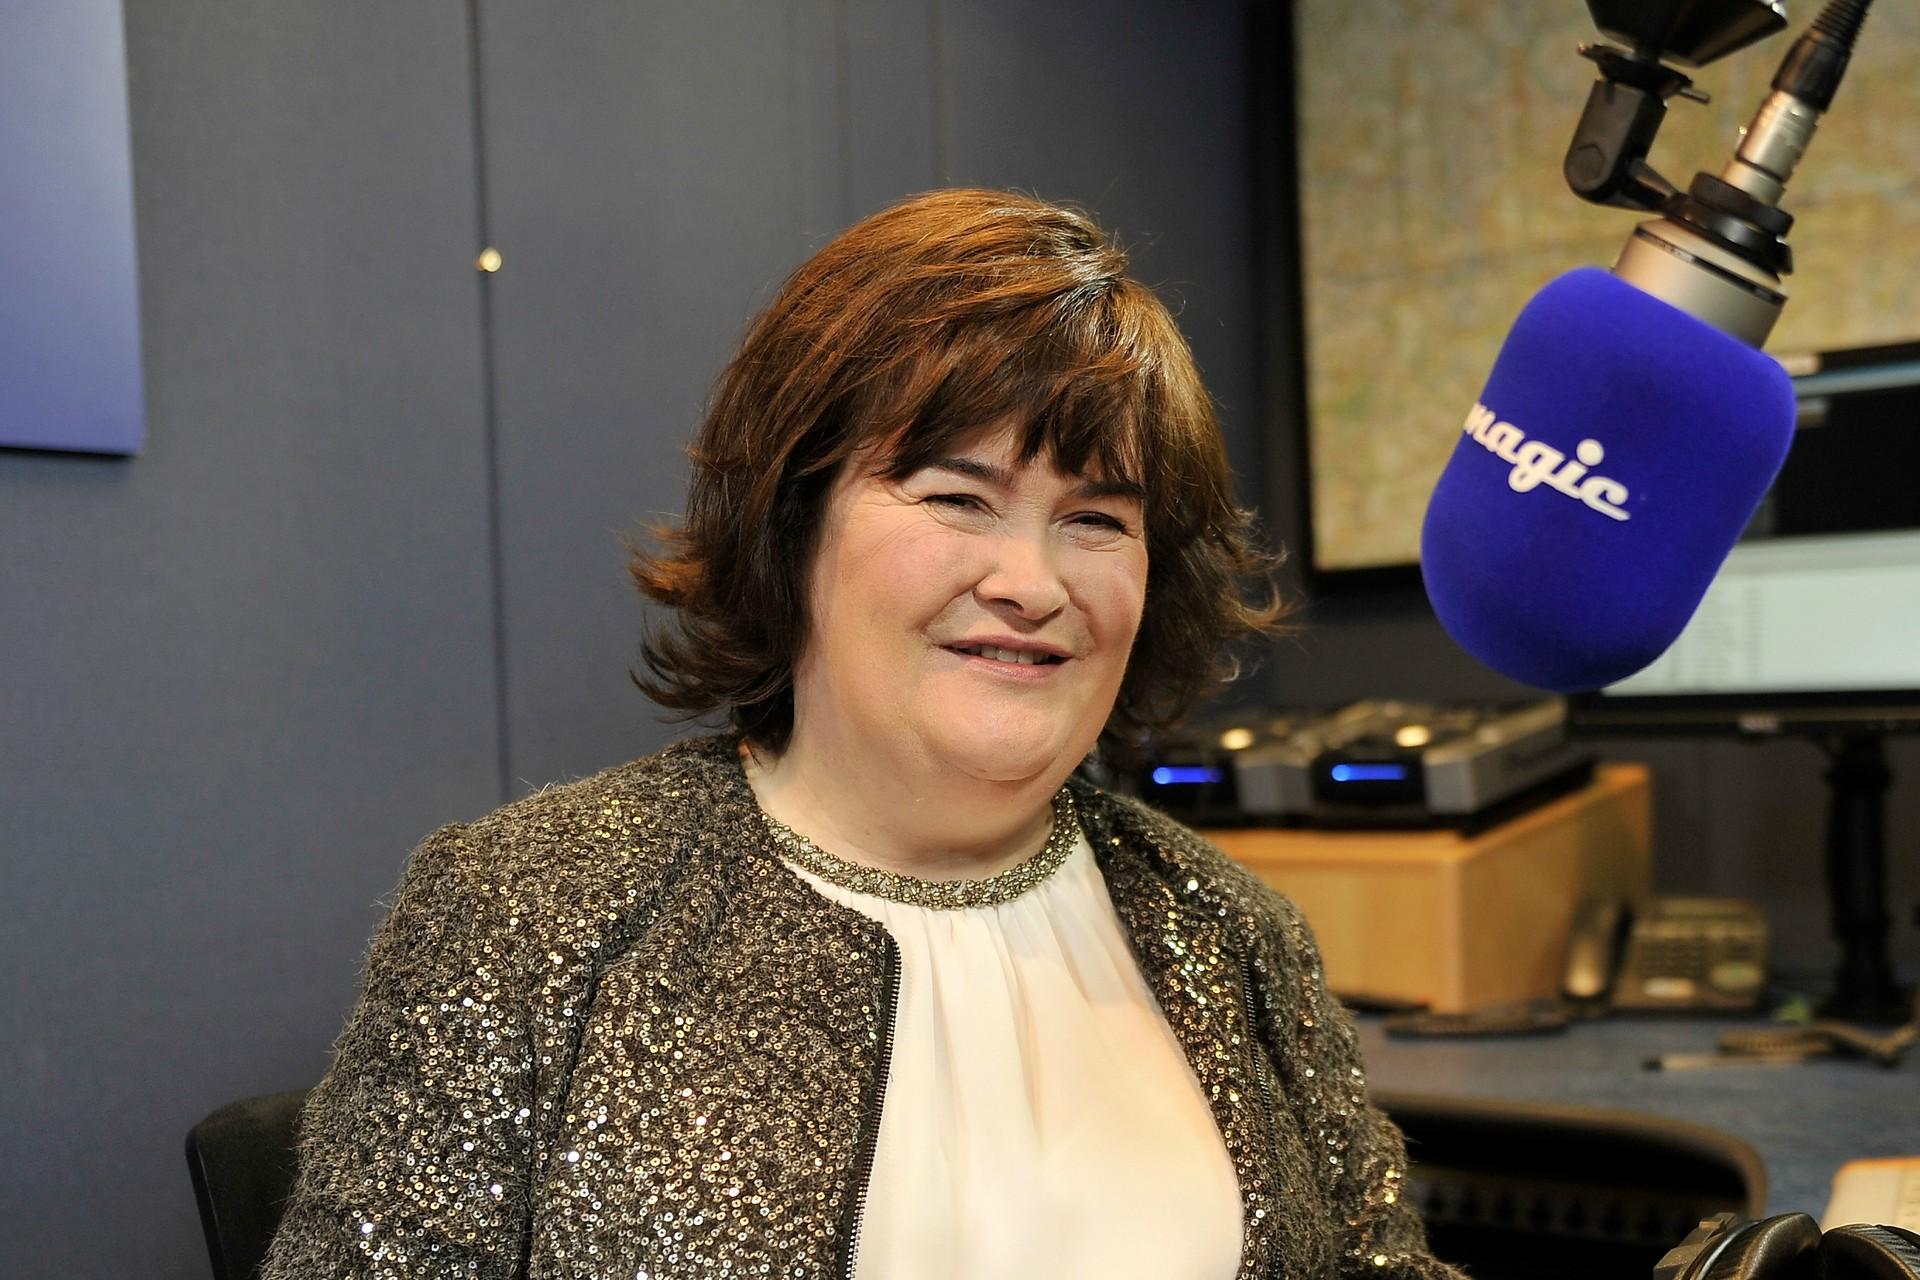 A cantora escocesa Susan Boyle, de 52 anos, se candidatou a um emprego para receber salário mínimo em uma casa de apostas. (Foto: Getty Images)